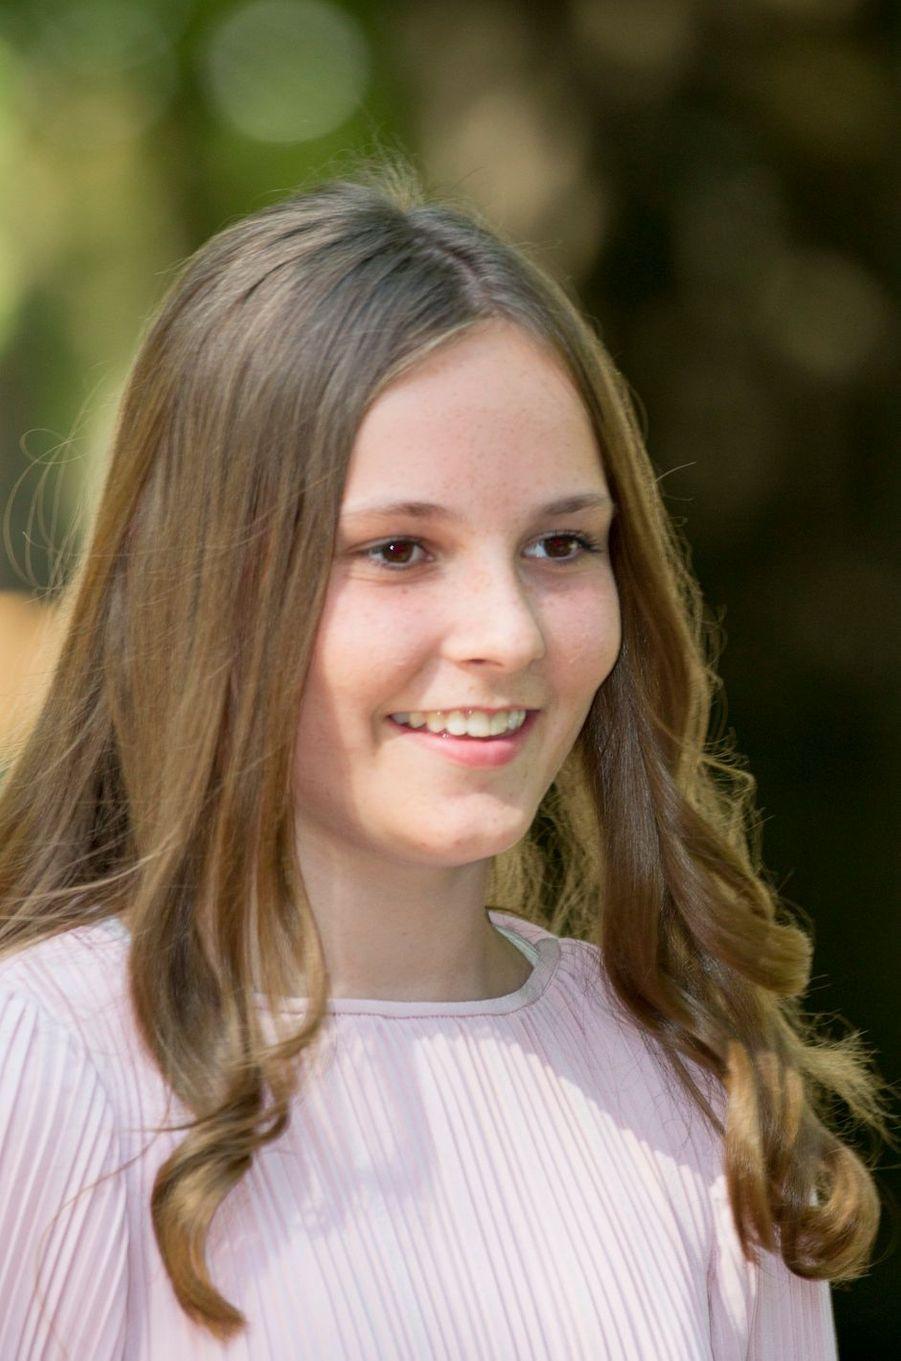 La princesse Ingrid Alexandra de Norvège à Oslo, le 7 juin 2018